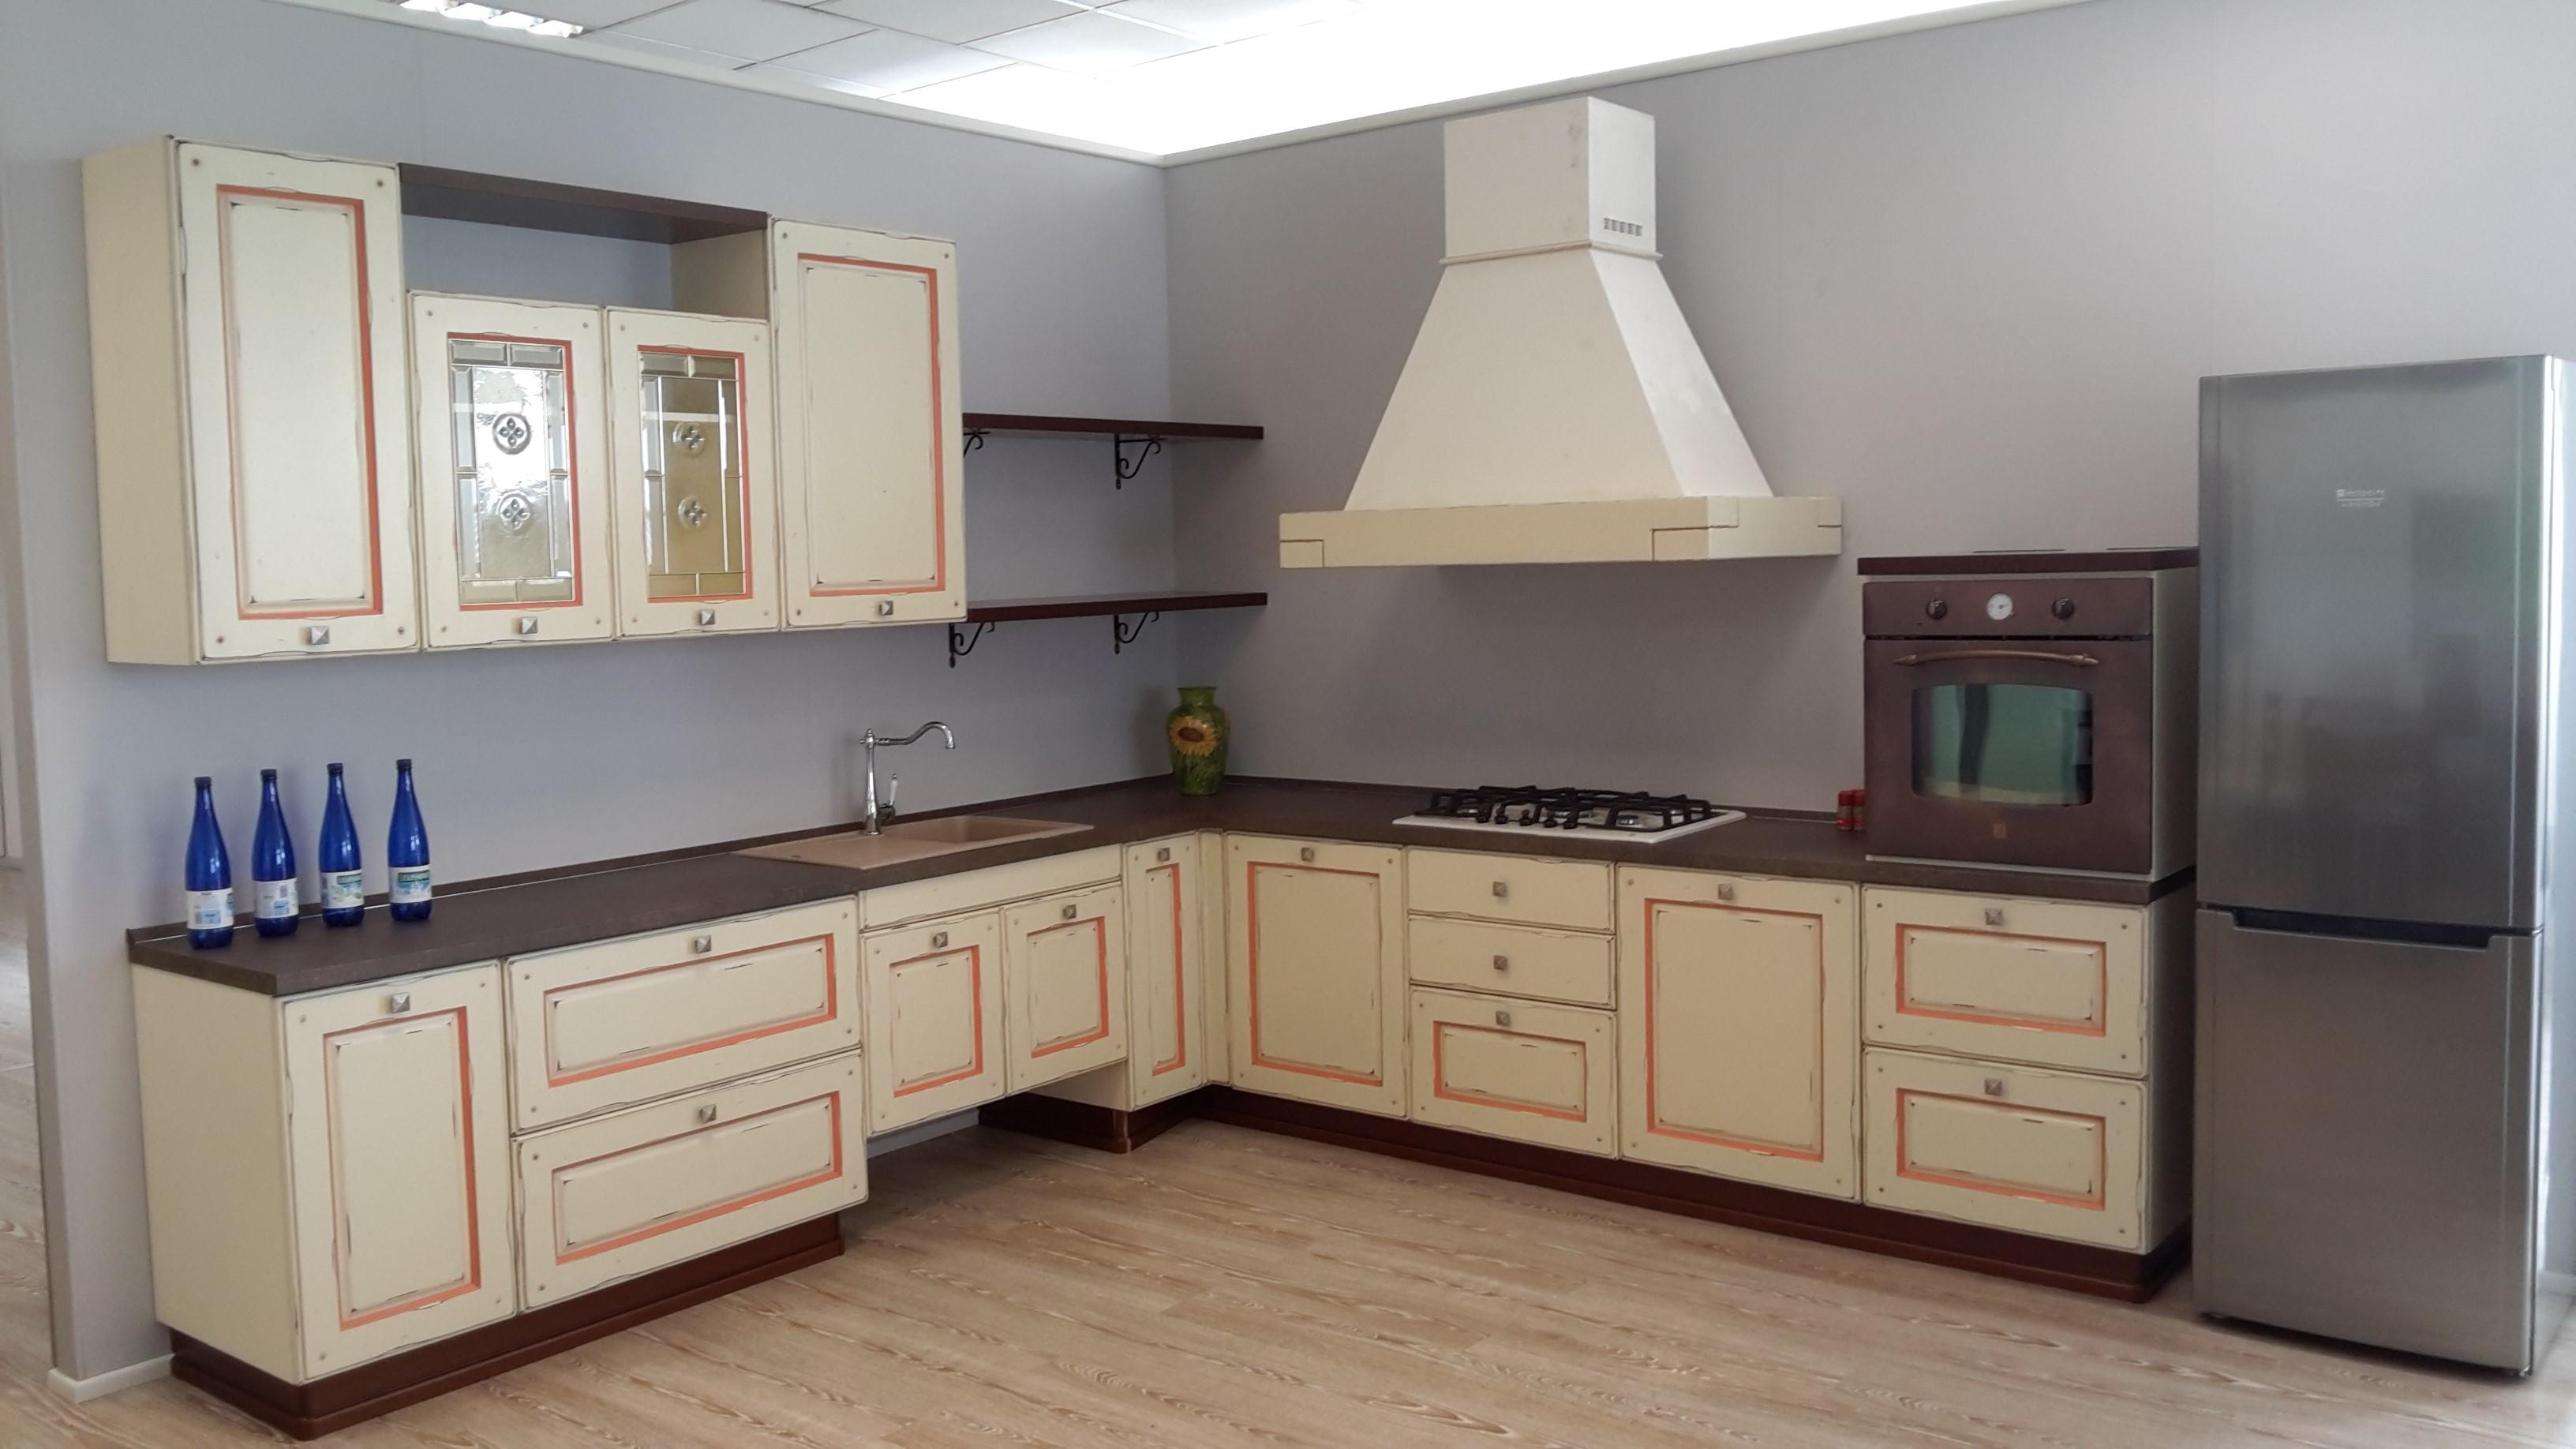 Arrex 1 Cucina Gloria Scontato Del  58 % Cucine A Prezzi Scontati #374166 3264 1836 Arrex O Veneta Cucine